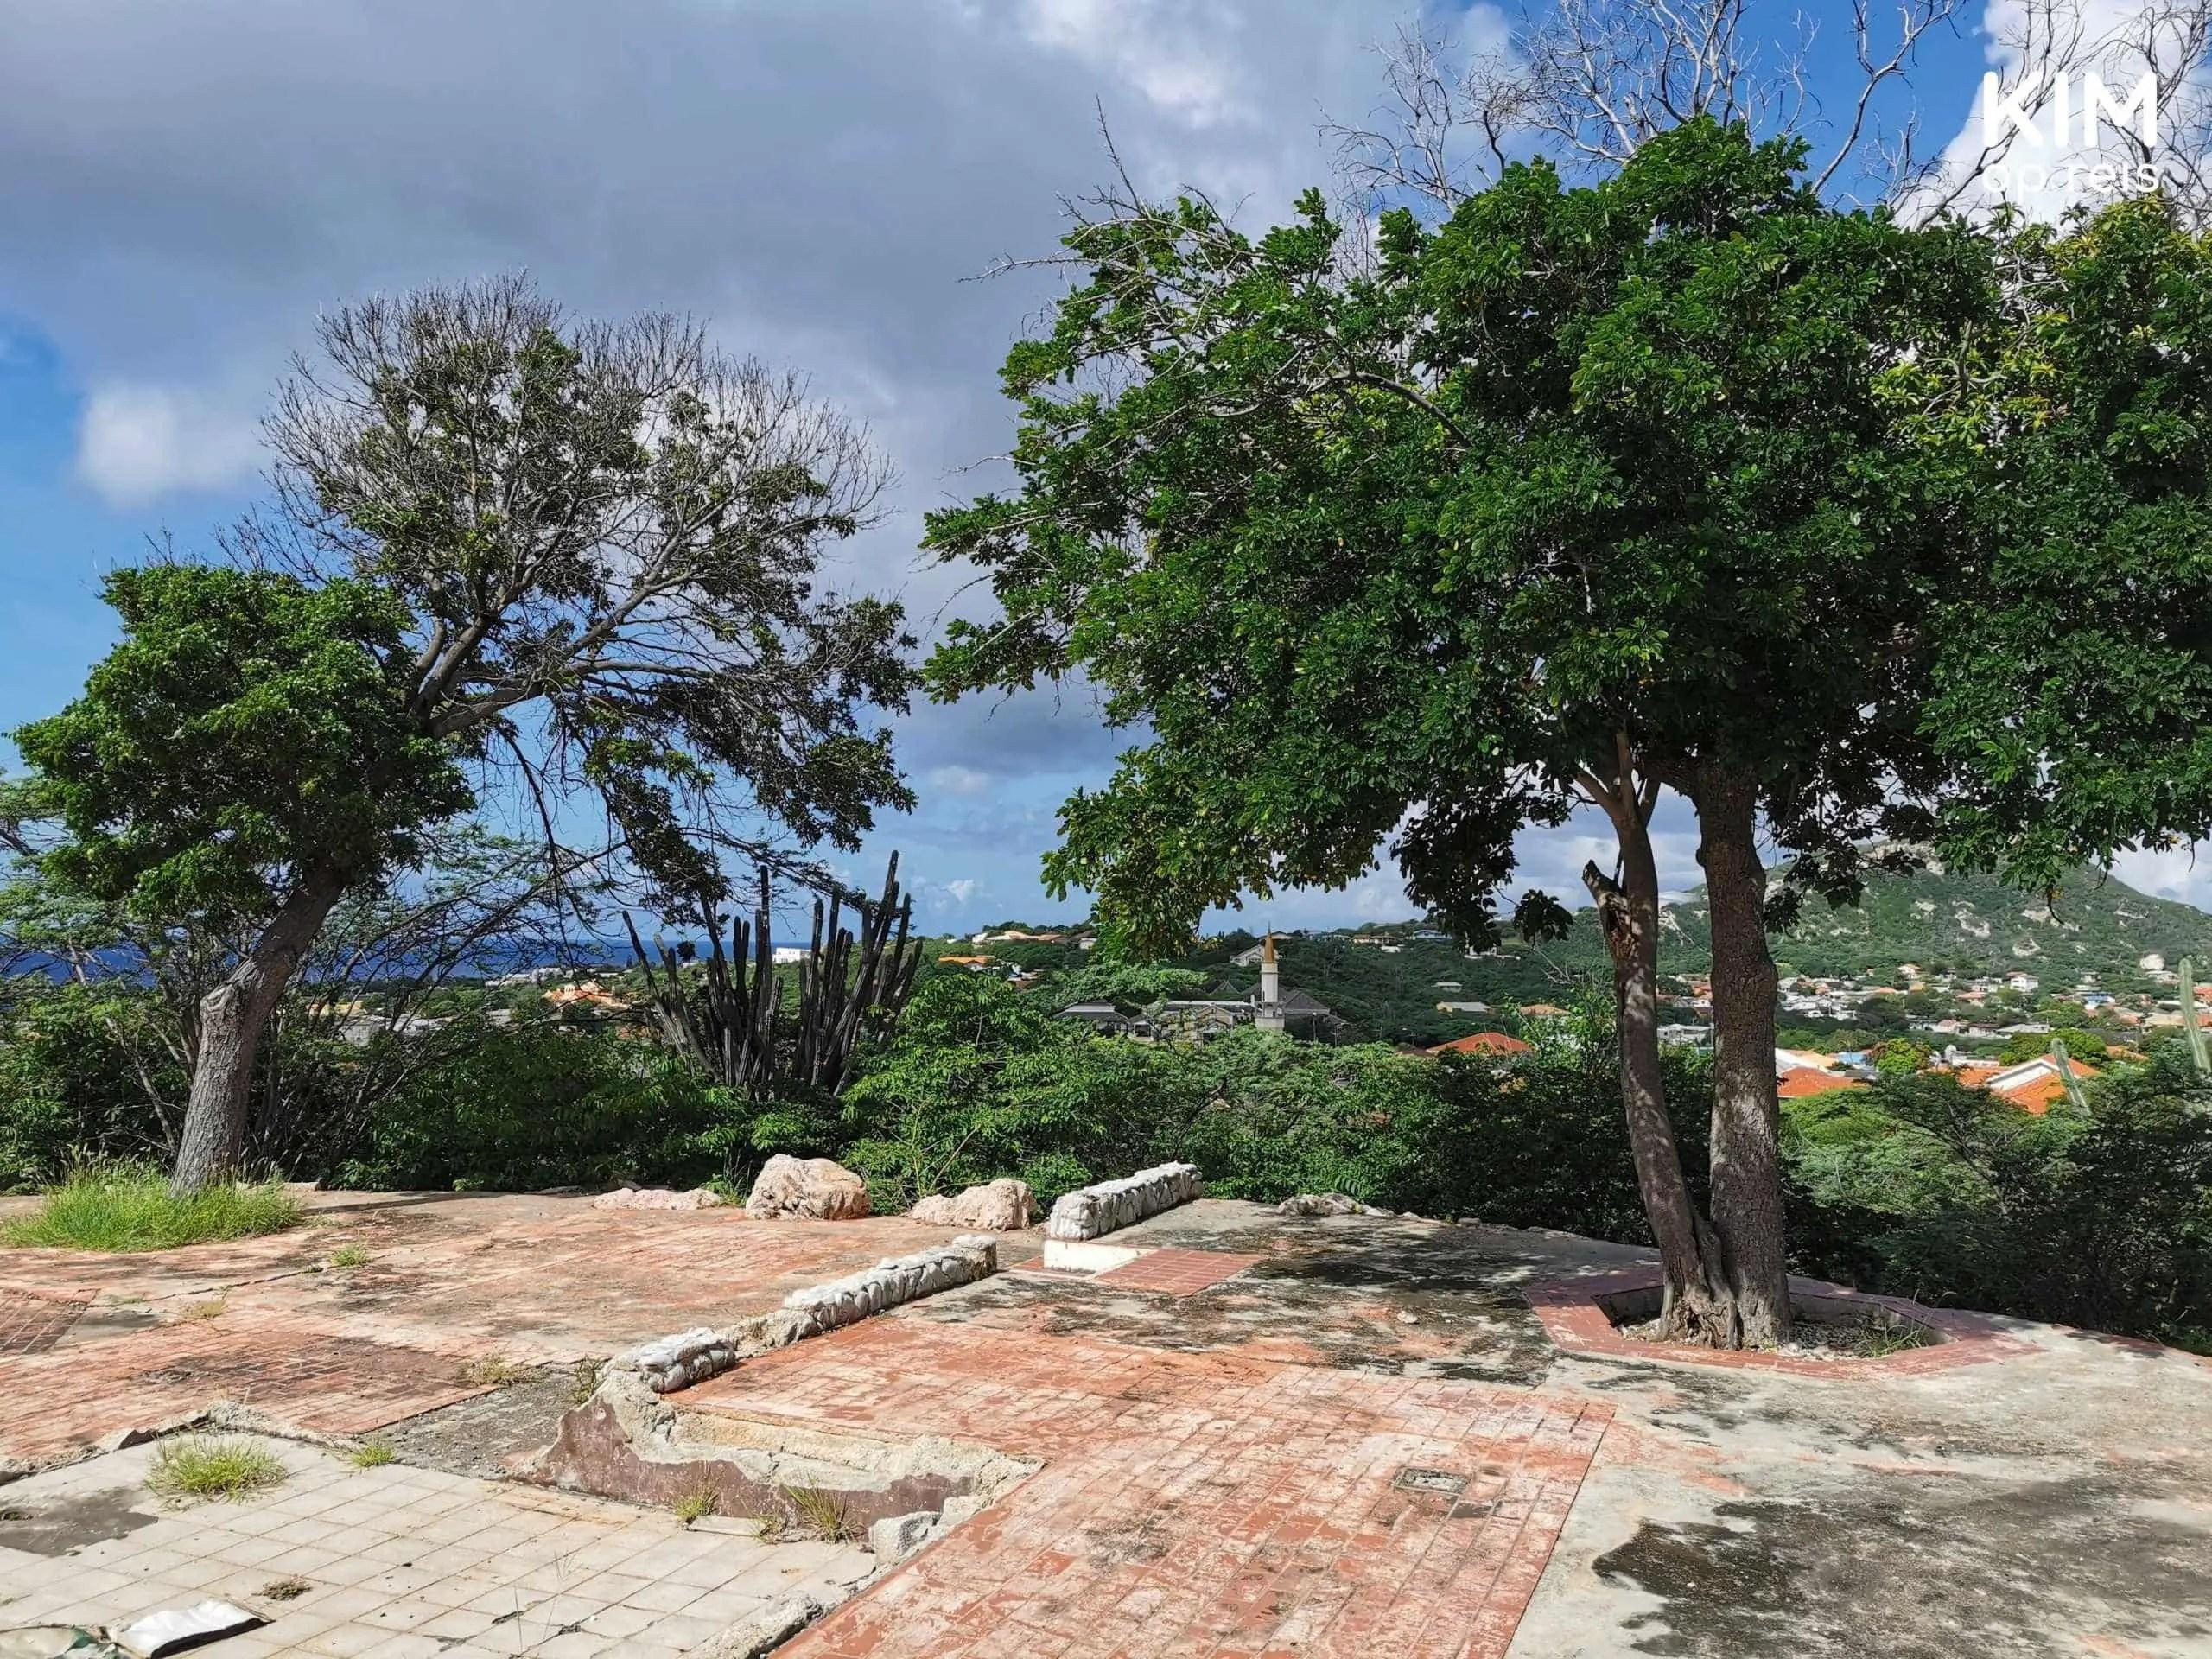 Curaçao Fort Waakzaamheid: op de grond zie je restanten van het fort, bijna geheel verwoest